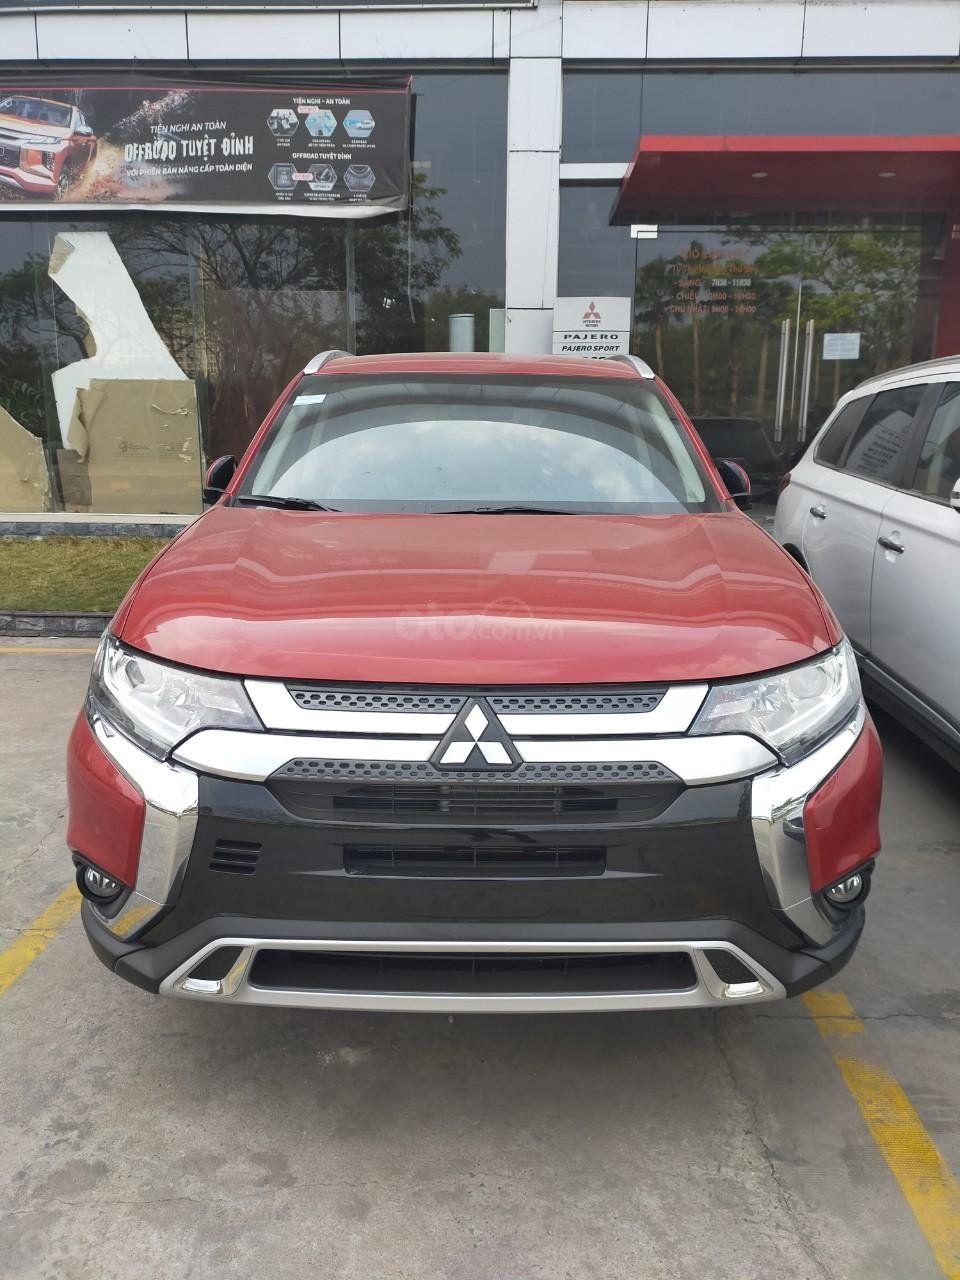 Mitsubishi Quận 7 New Outlander 2020 đủ Mau Giao Xe Nhanh Nhất ưu đai Khủng 7 Chỗ Cach Am Tốt Gia Từ 825tr Trong 2020